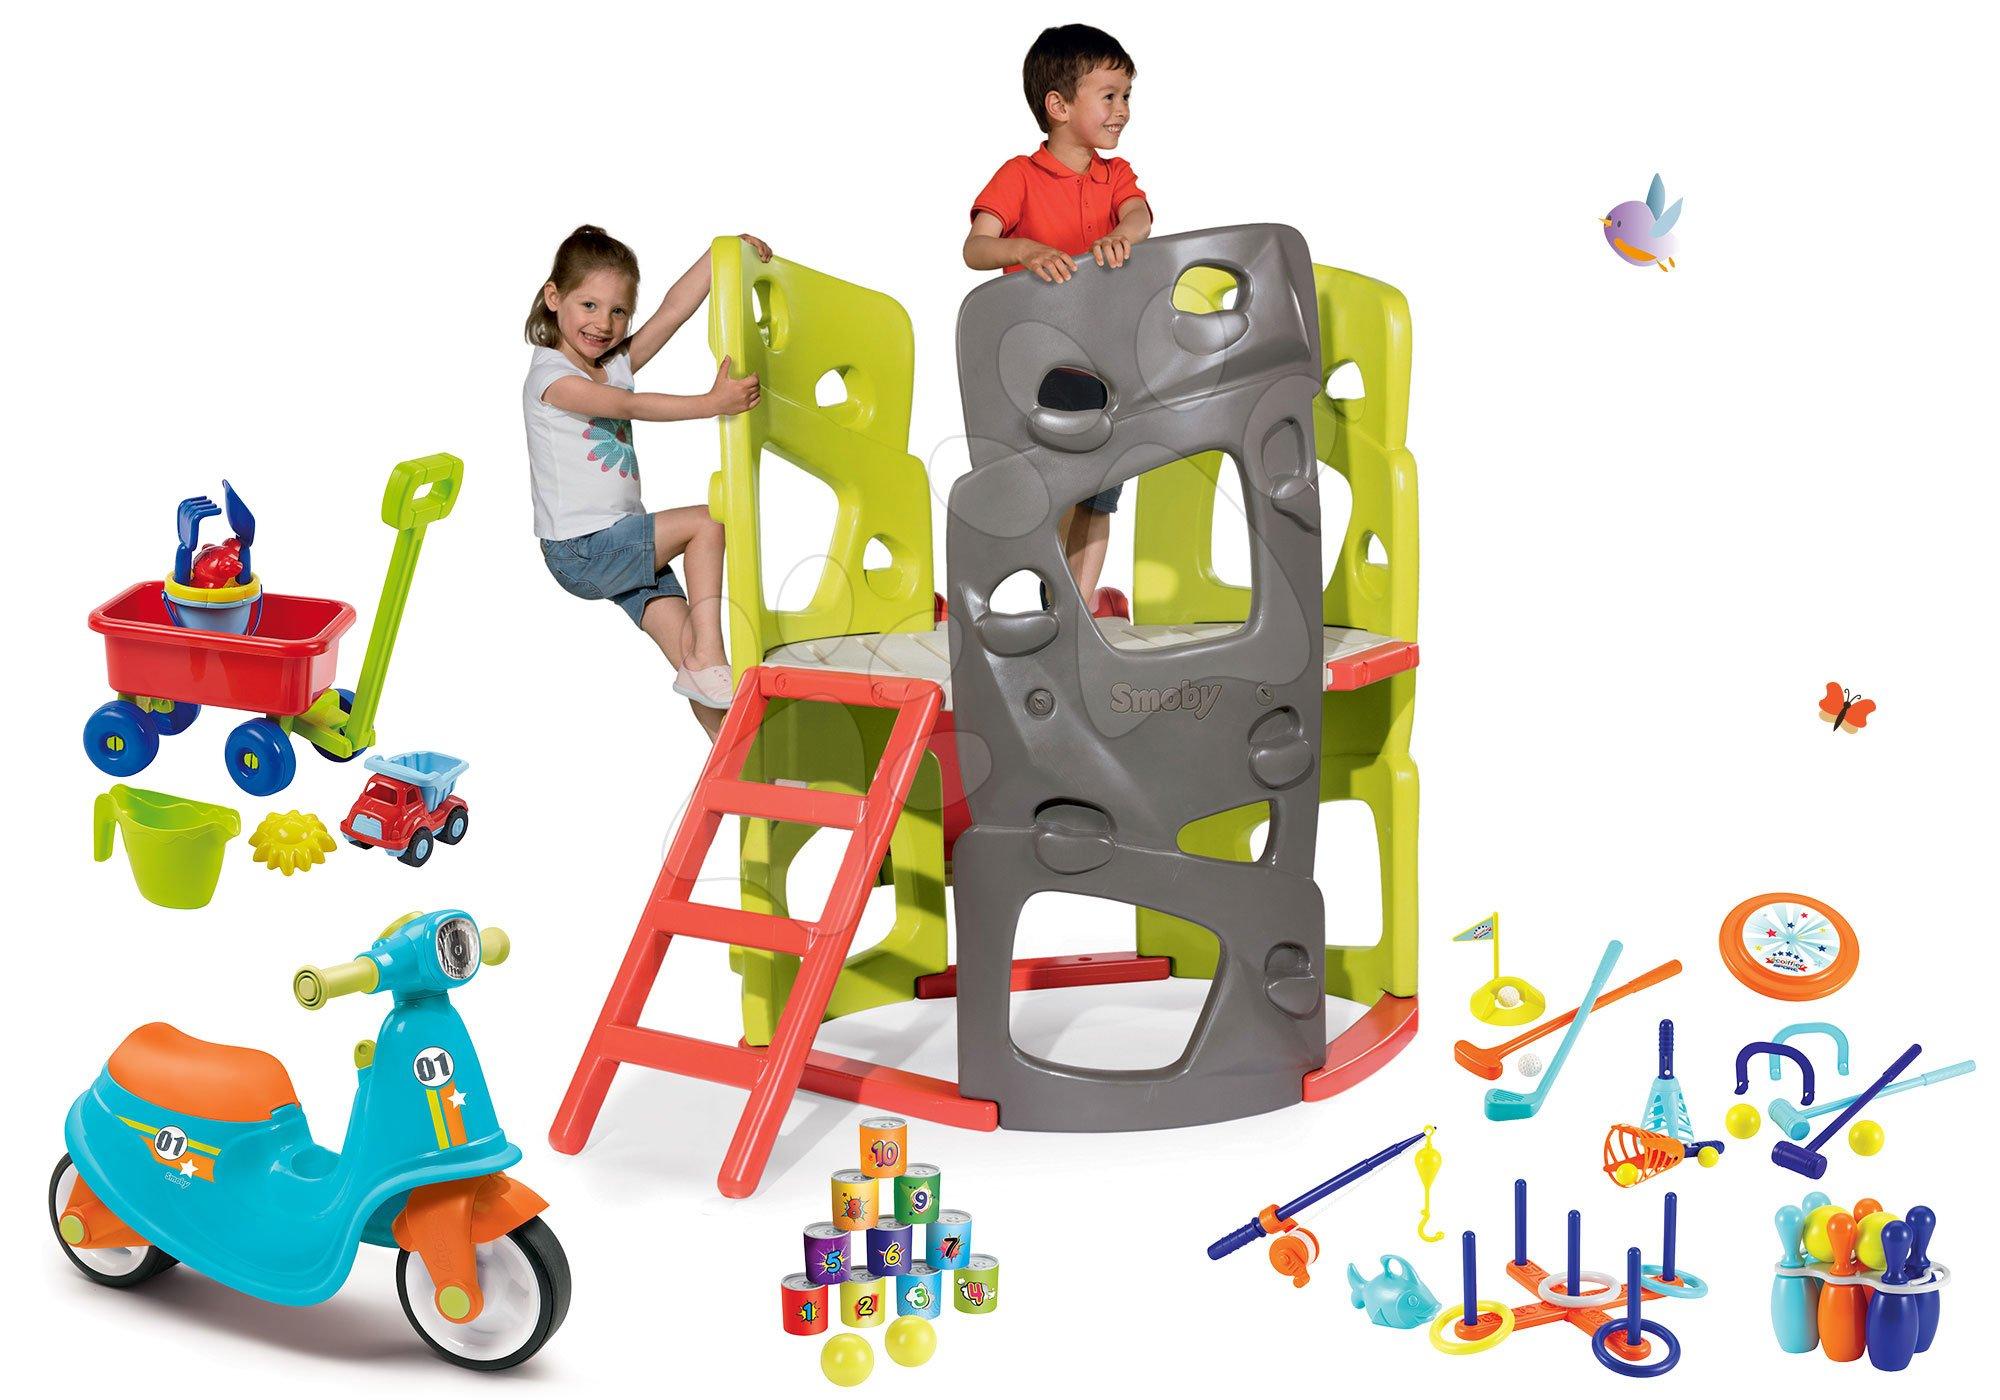 Szett mászóközpont Multiactivity Climbing Tower Smoby mászófallal és csúszdával és bébitaxi gumikerekekkel és sport játékok kiskocsival 24 hó-tól